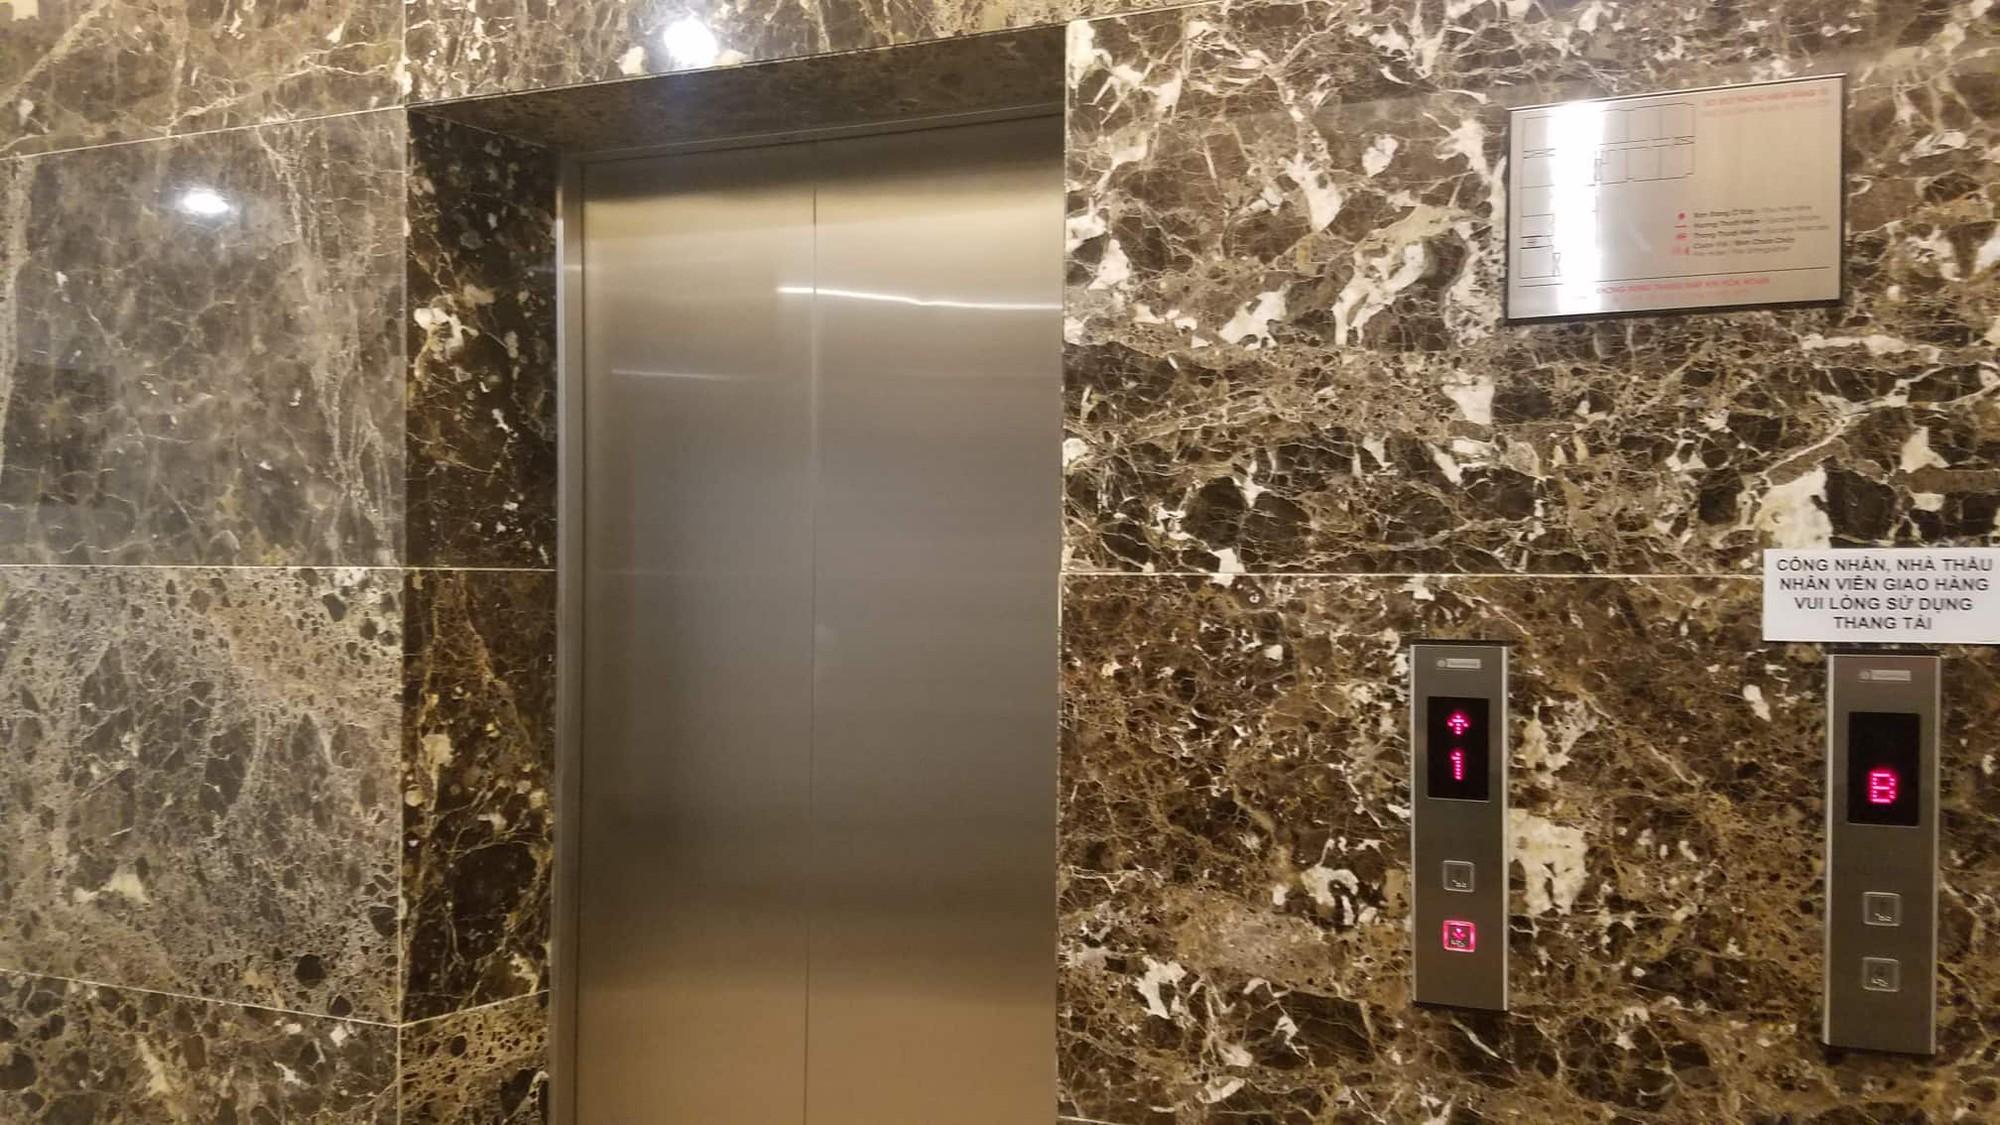 Vụ gã đàn ông sàm sỡ bé gái trong thang máy: VKSND Tối cao đề nghị xử lý nghiêm, bất kể là cán bộ đương chức hay đã nghỉ hưu. - Ảnh 2.